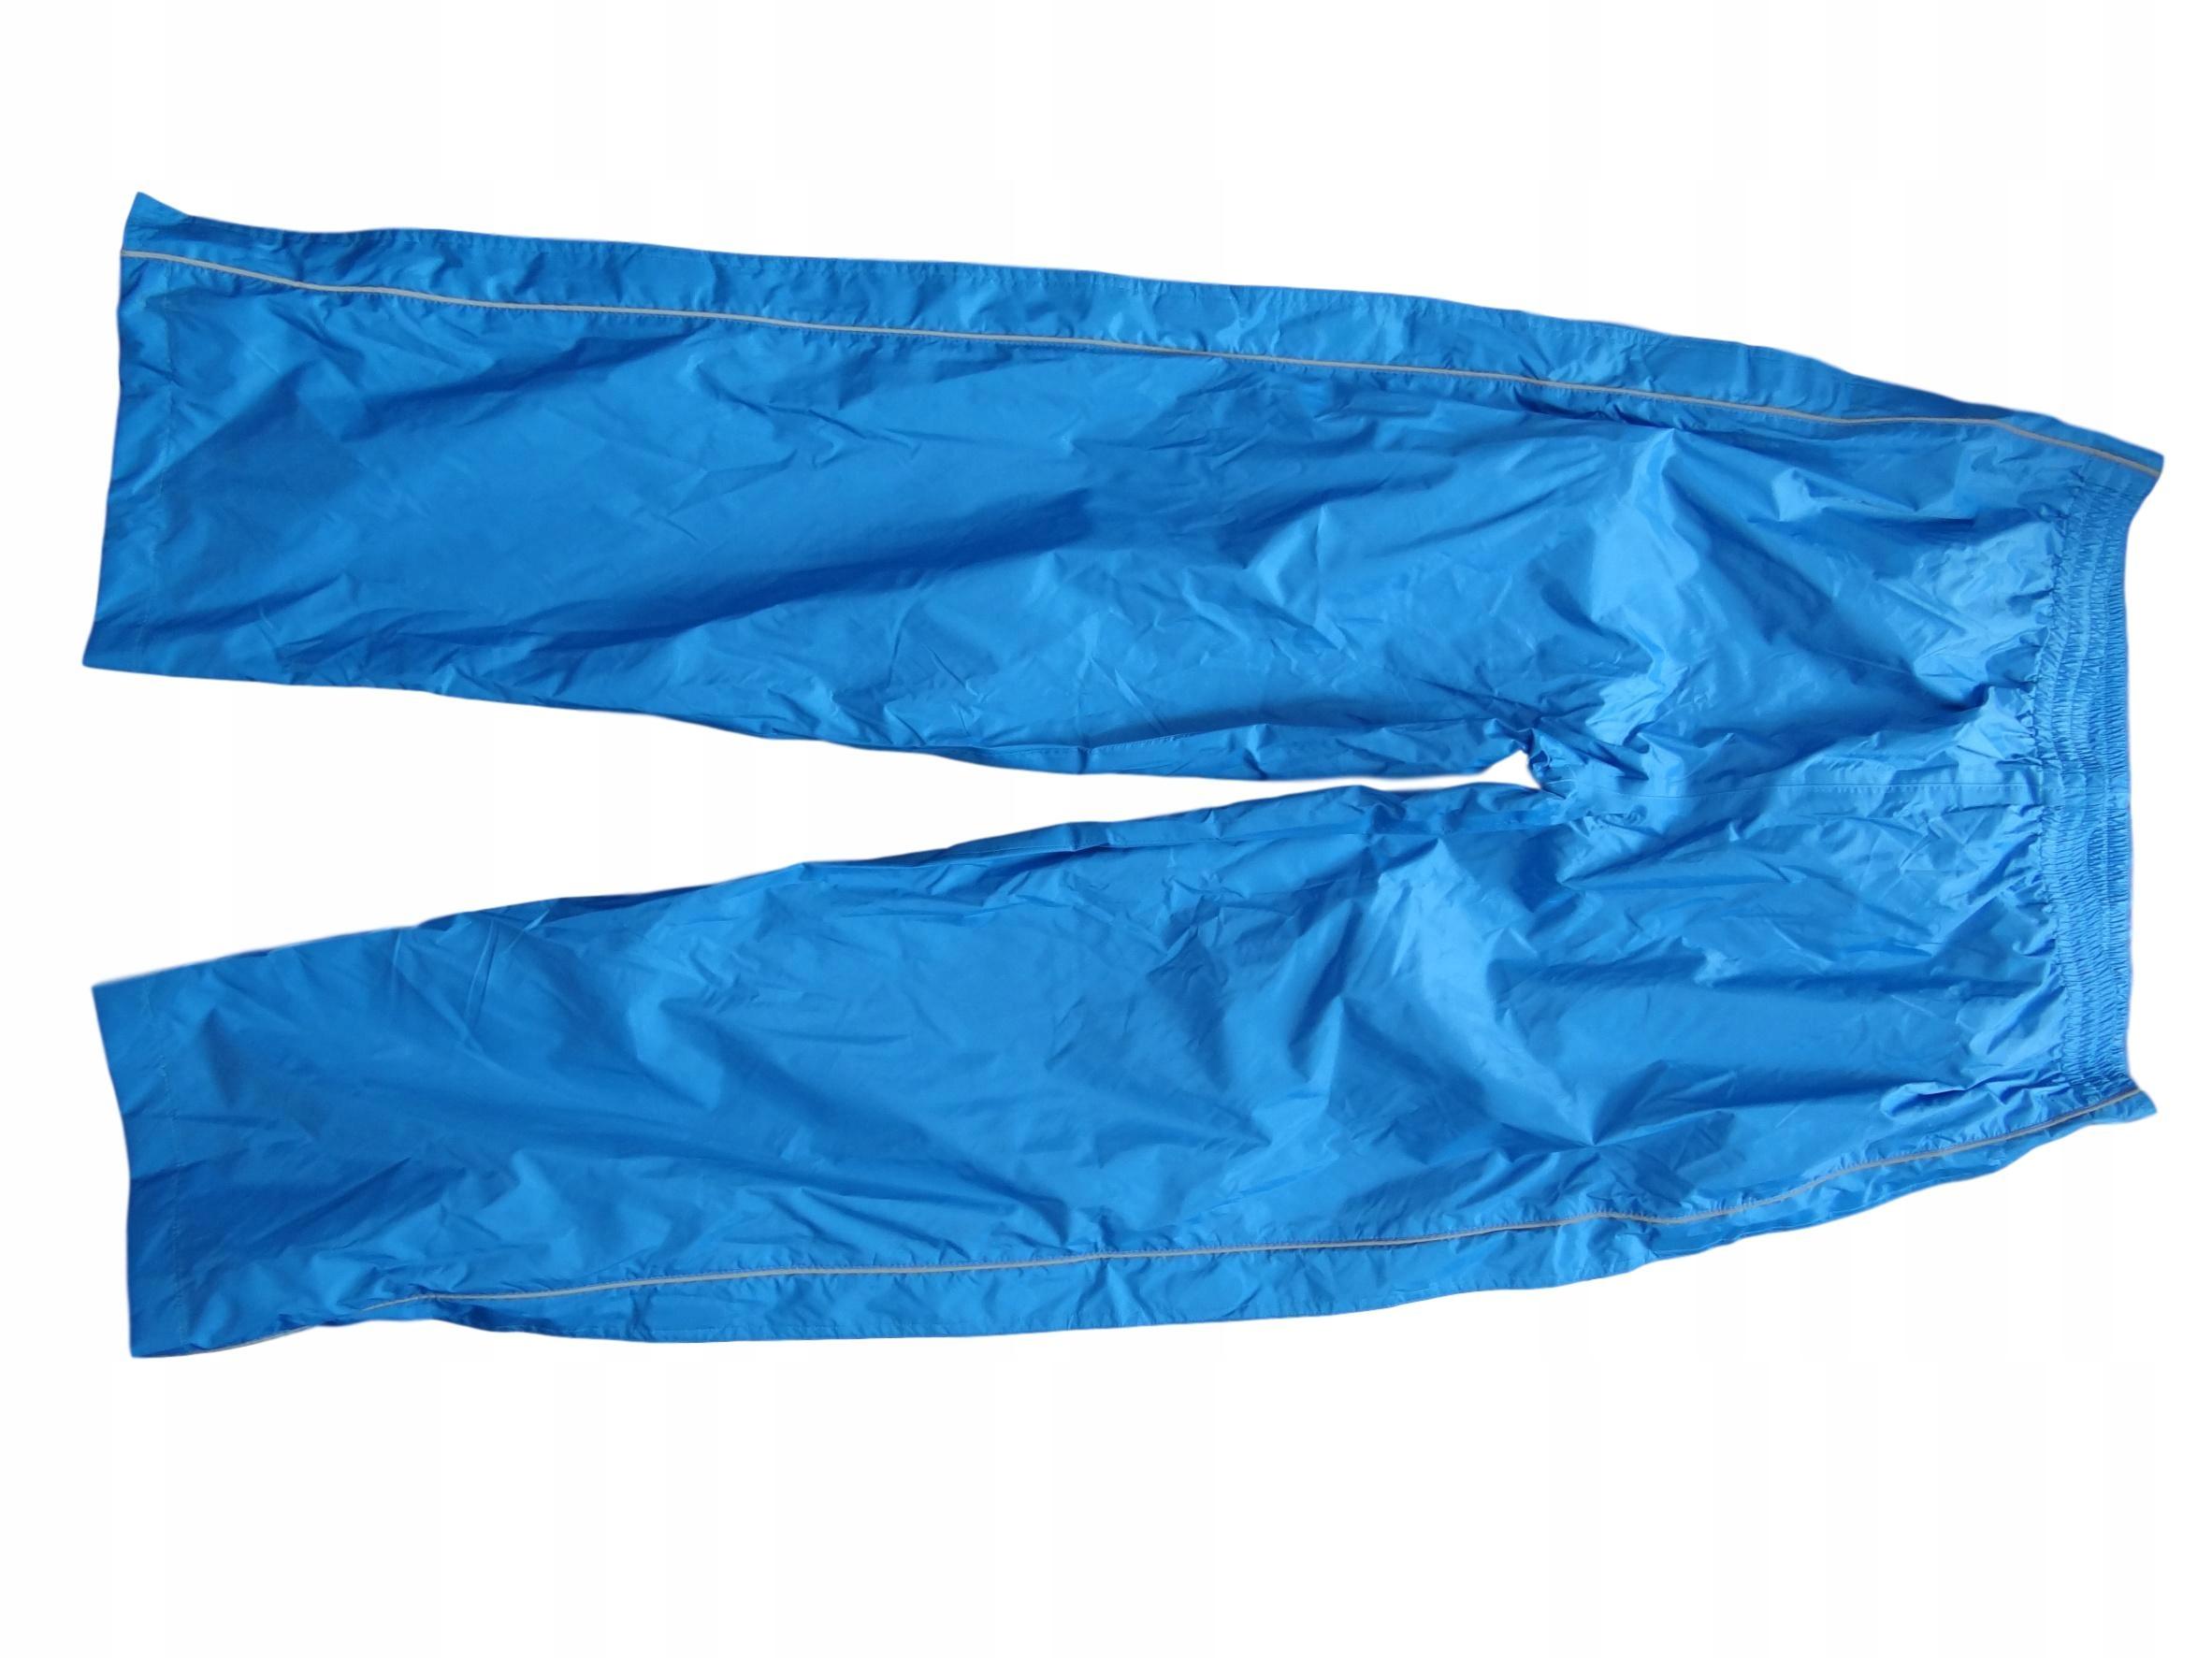 427 UNITECH spodnie przeciwdeszczowe 52